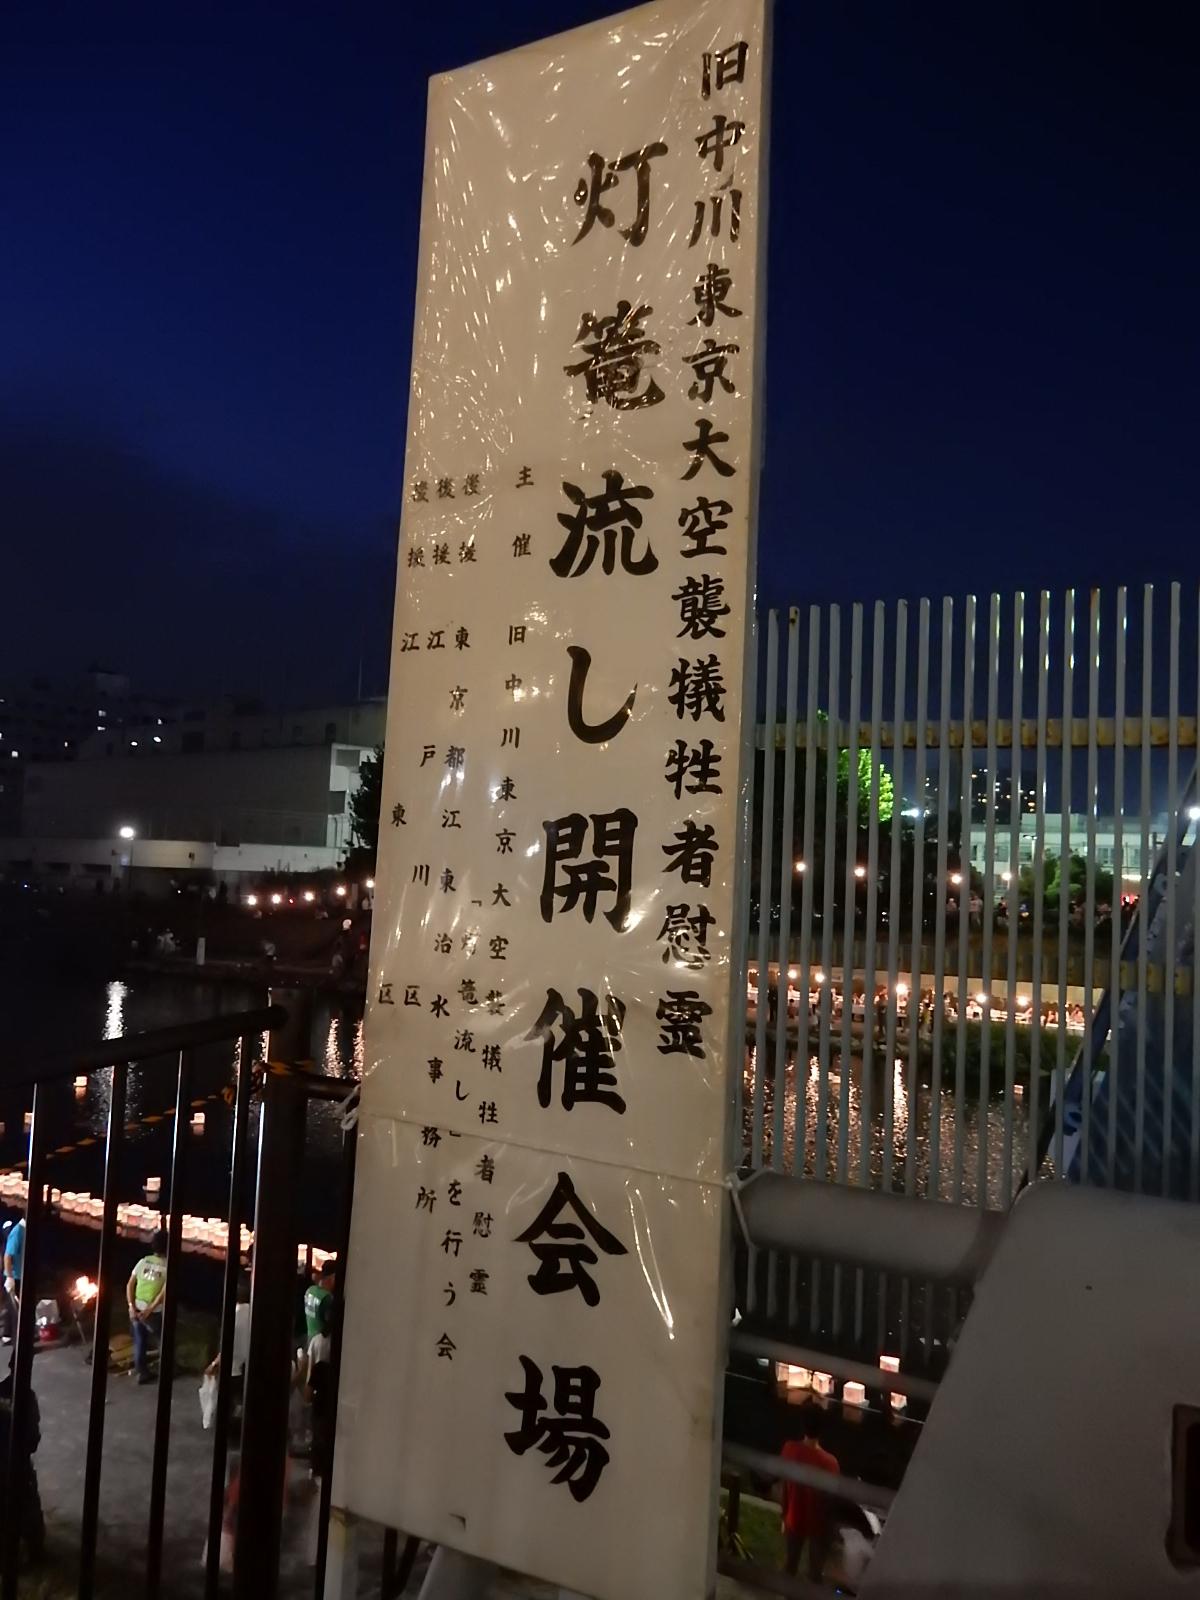 第十七回東京大空襲犠牲者慰霊式典 燈籠流し